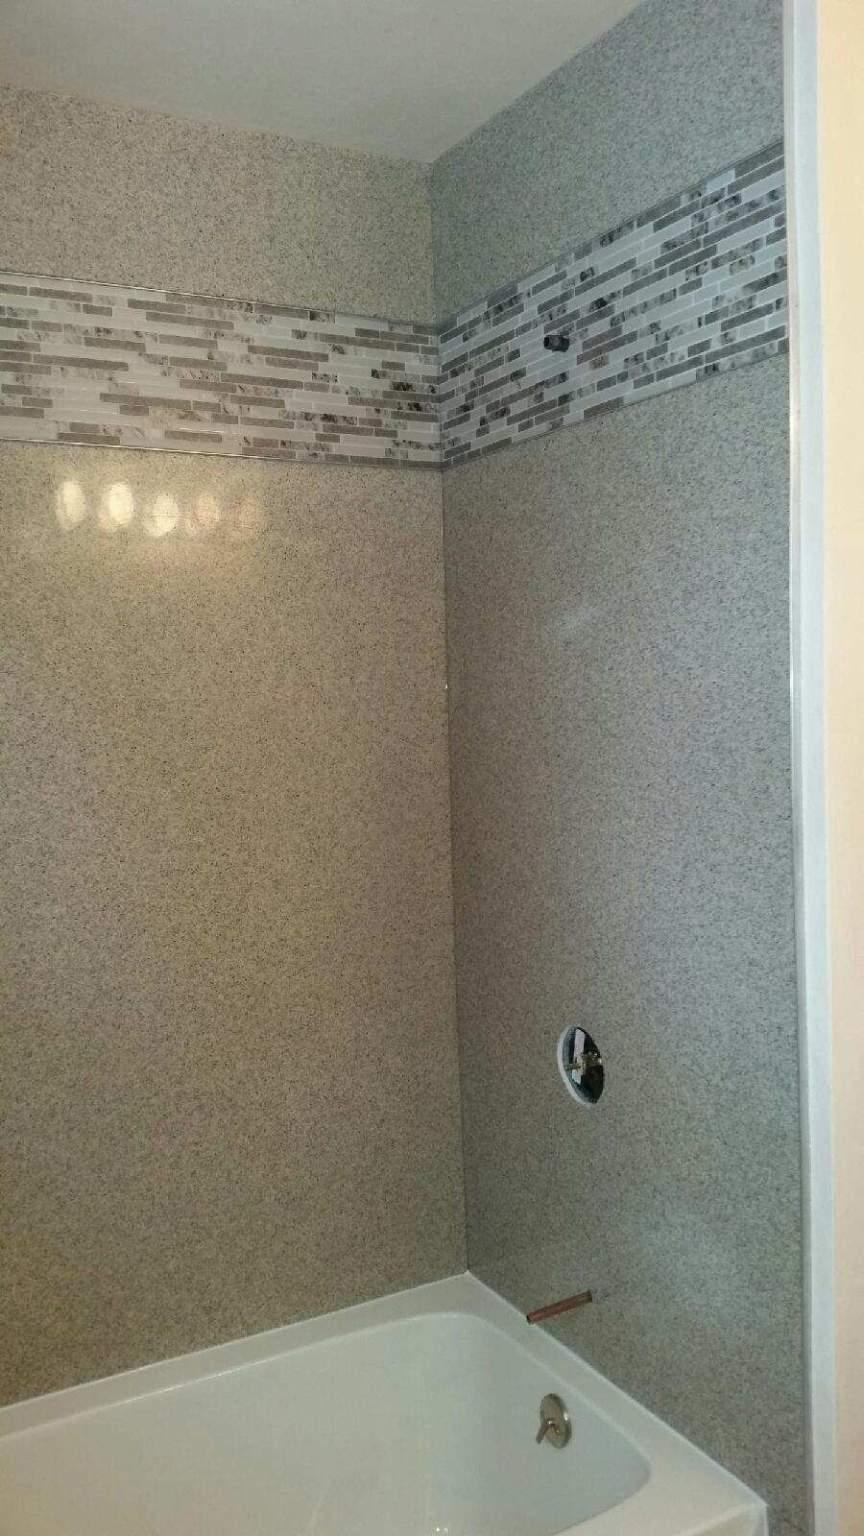 365 shower w tile band 040318 1.jpg